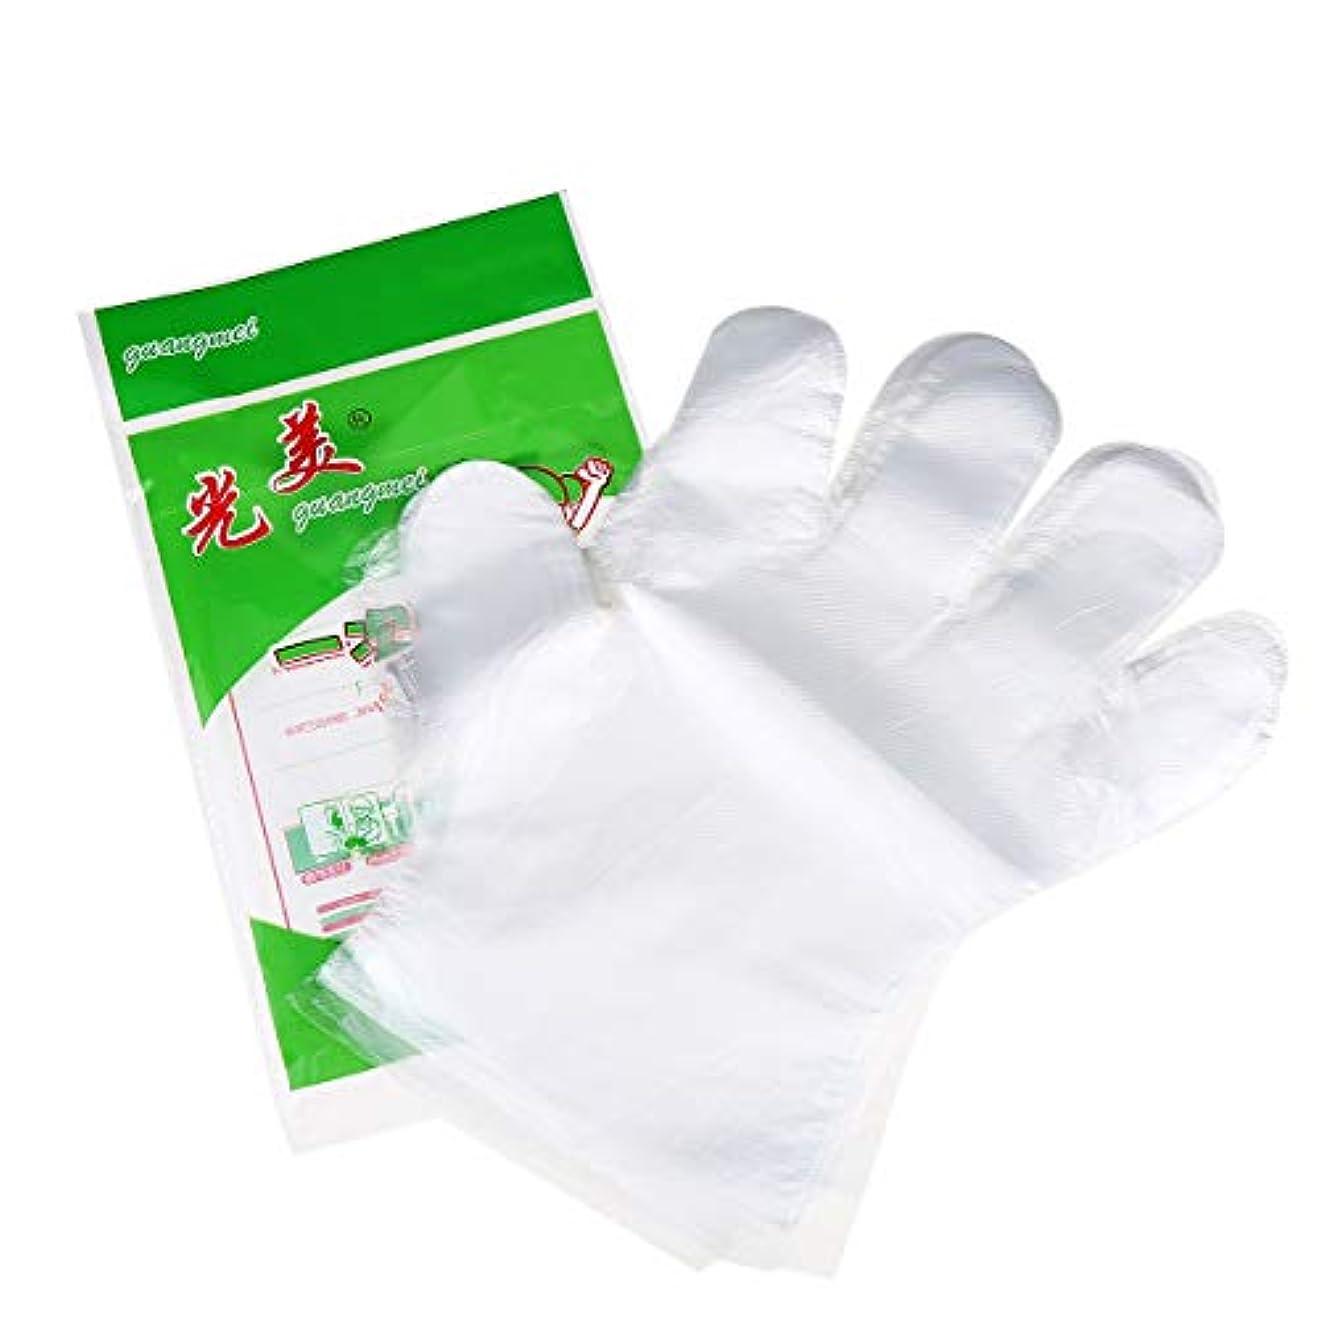 二度円形サラダ使い捨て手袋 極薄ビニール手袋 ポリエチレン 透明 実用 衛生 100枚セット極薄手袋 調理に?お掃除に?毛染めに